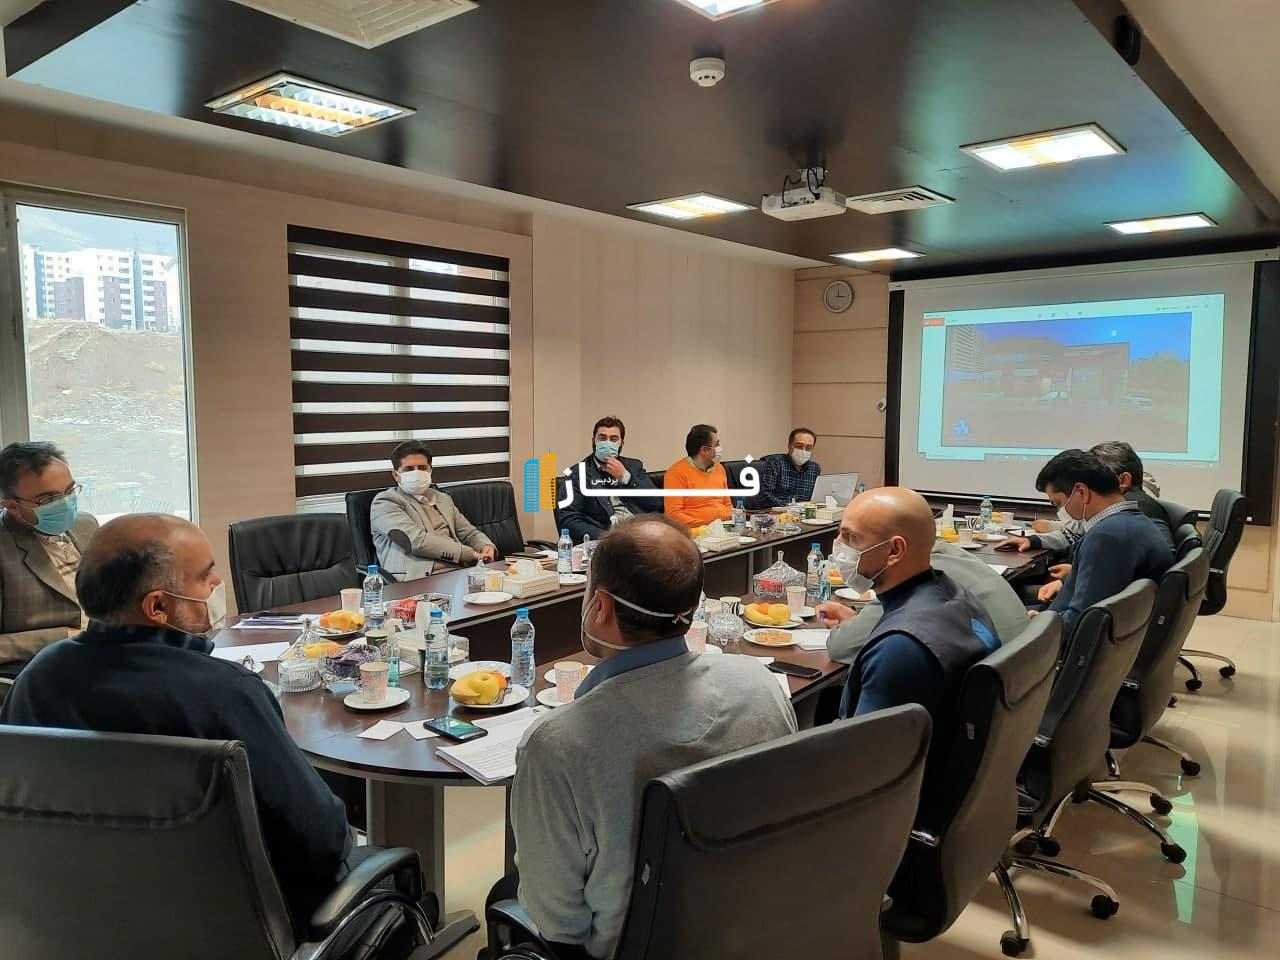 پروژههای مشارکتی شرکت عمران شهر پردیس و سرمایهگذاری مسکن فاز 5 در مرحله اجرایی هستند